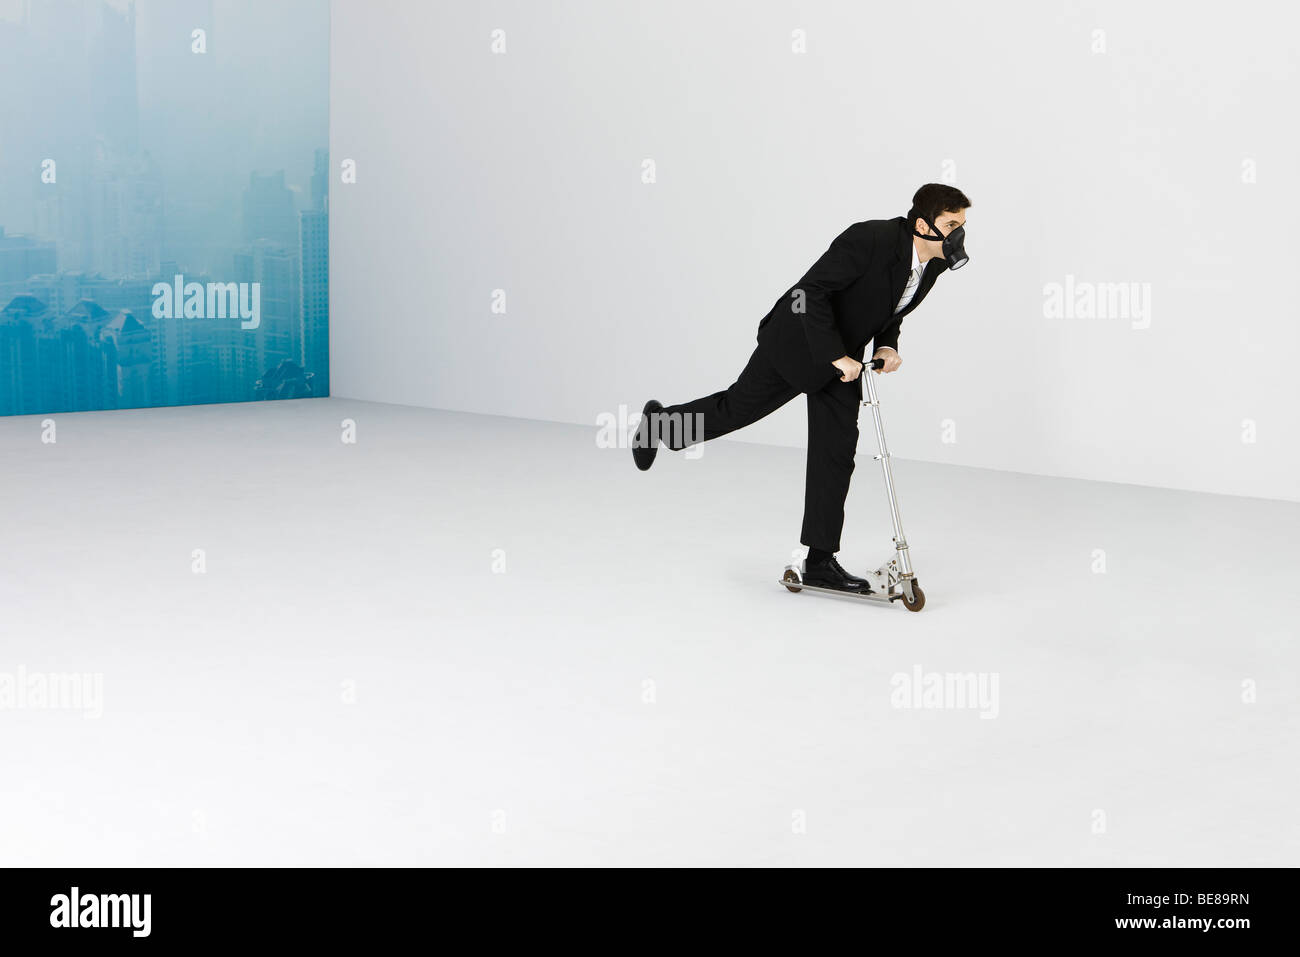 Geschäftsmann, tragen Gasmaske Reiten Push Scooter, Stadtbild von Smog im Hintergrund verdeckt Stockbild